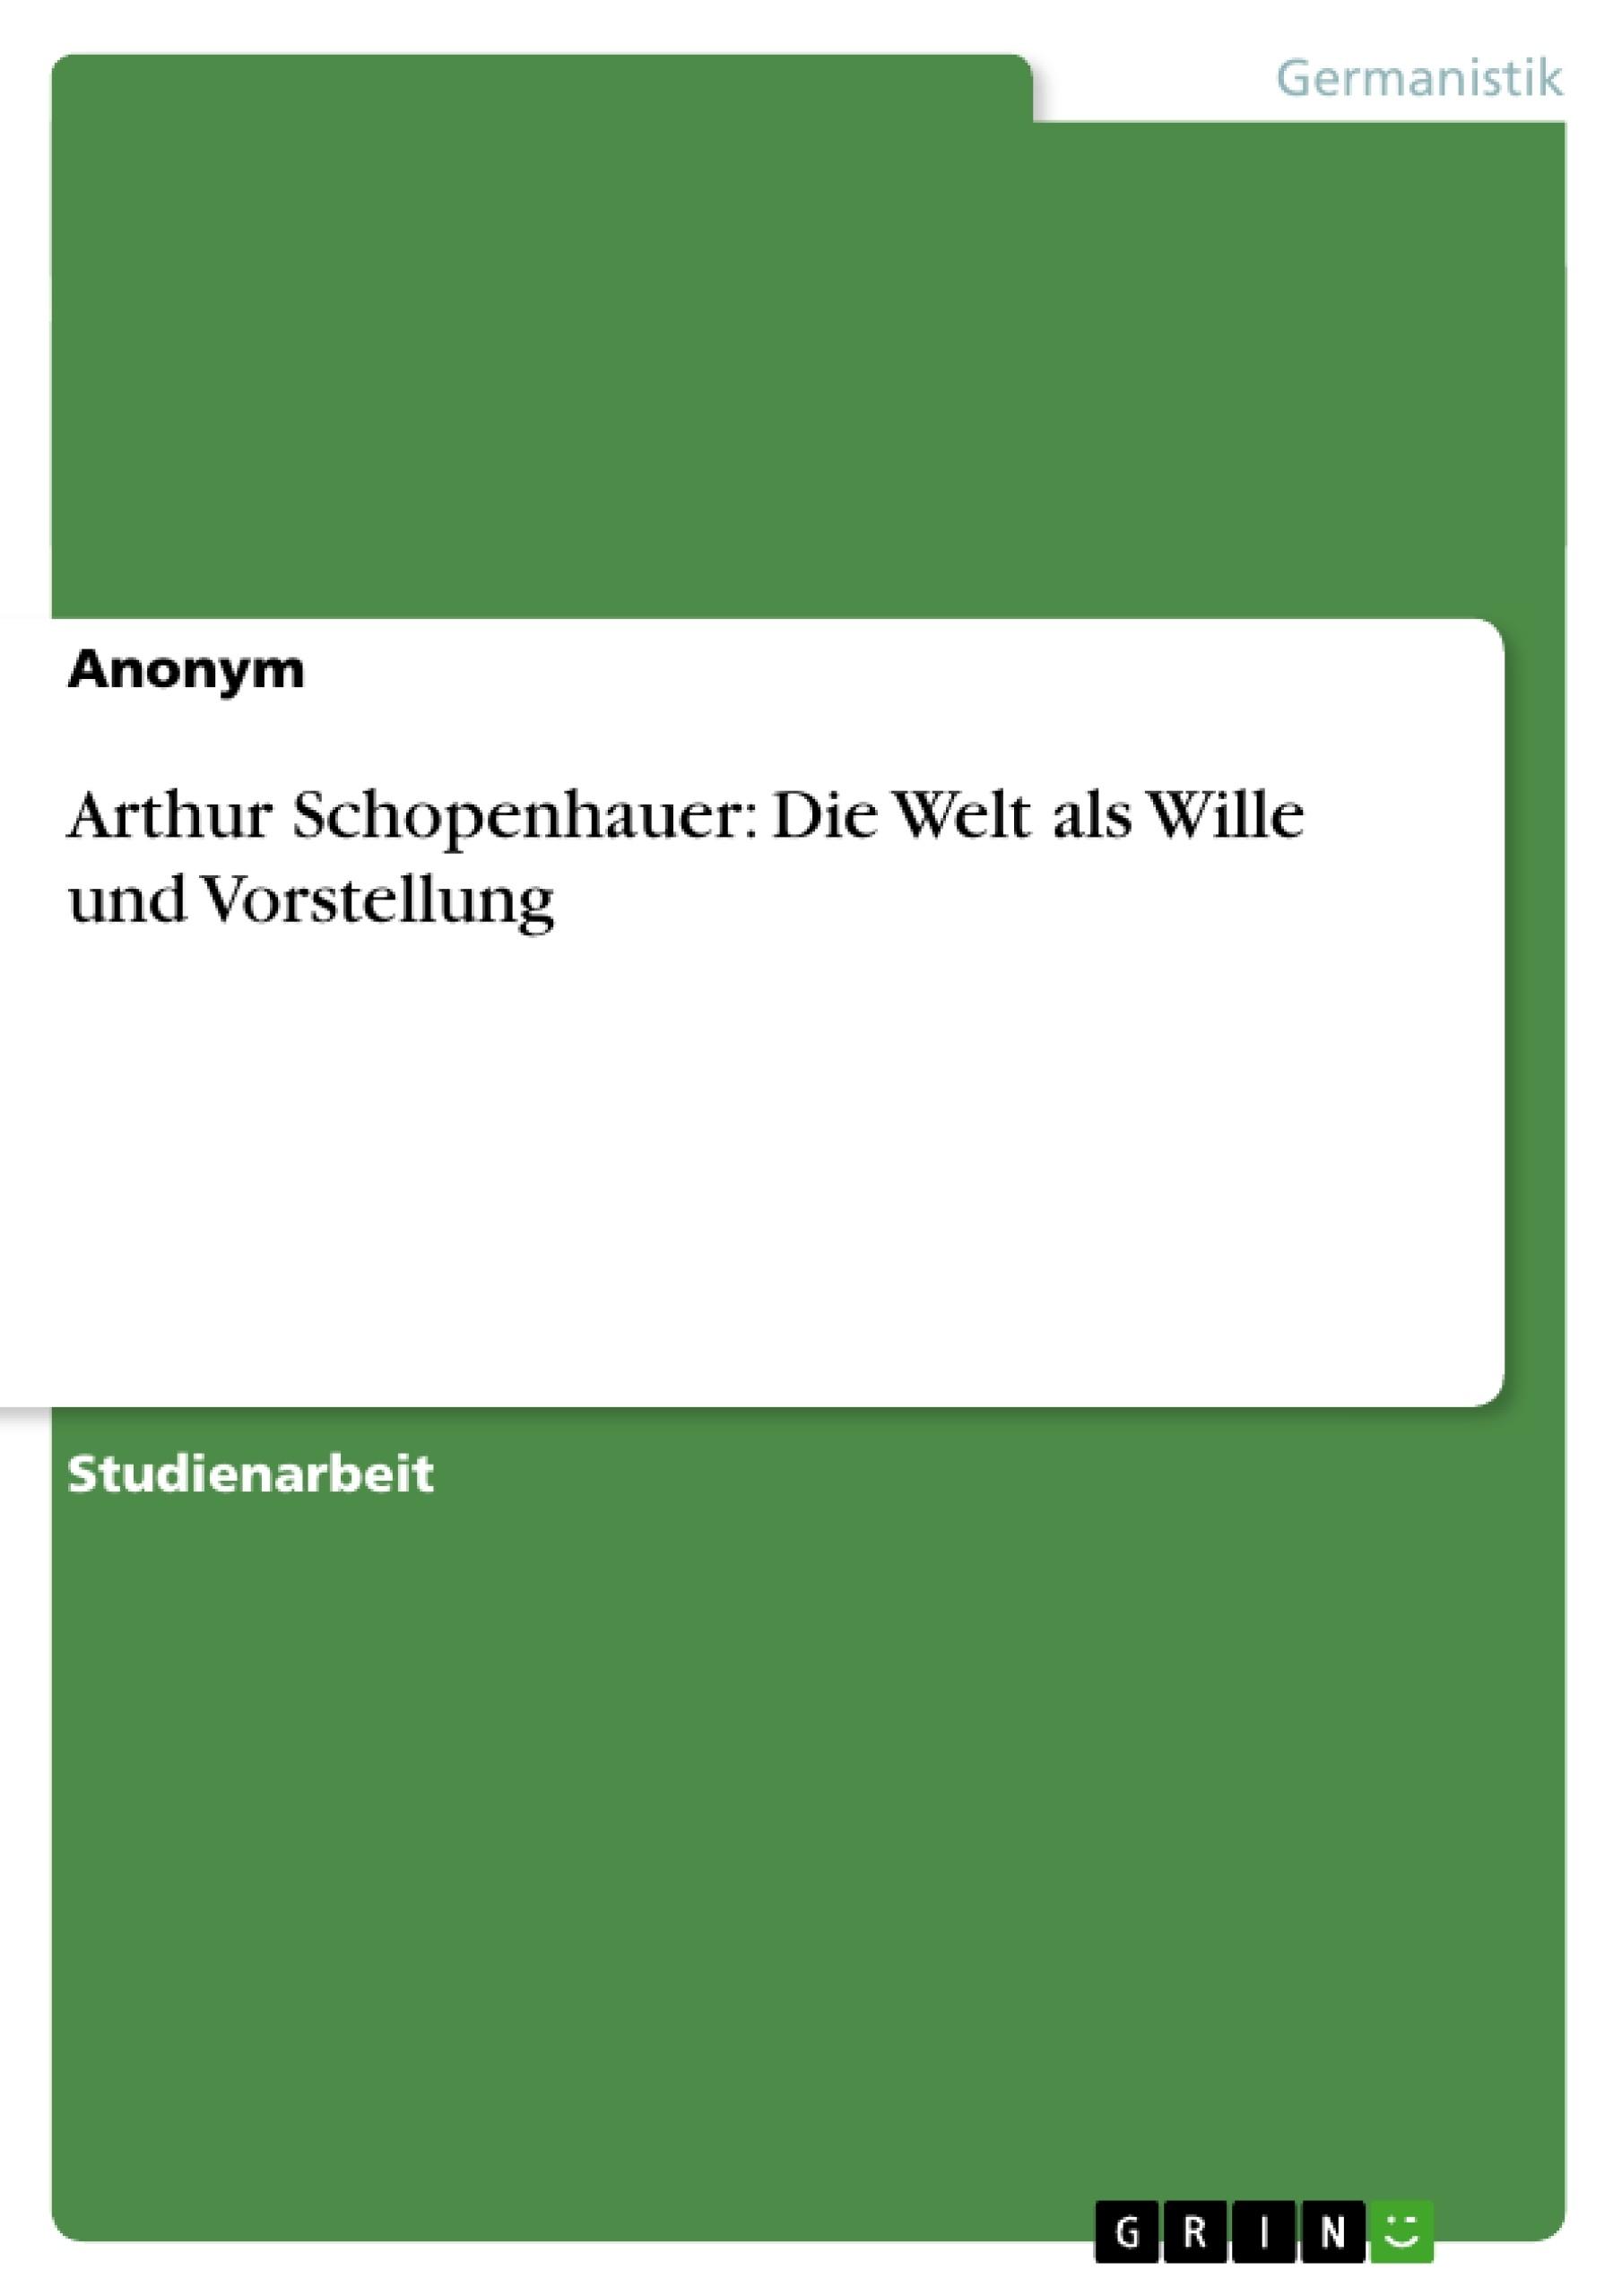 Titel: Arthur Schopenhauer: Die Welt als Wille und Vorstellung